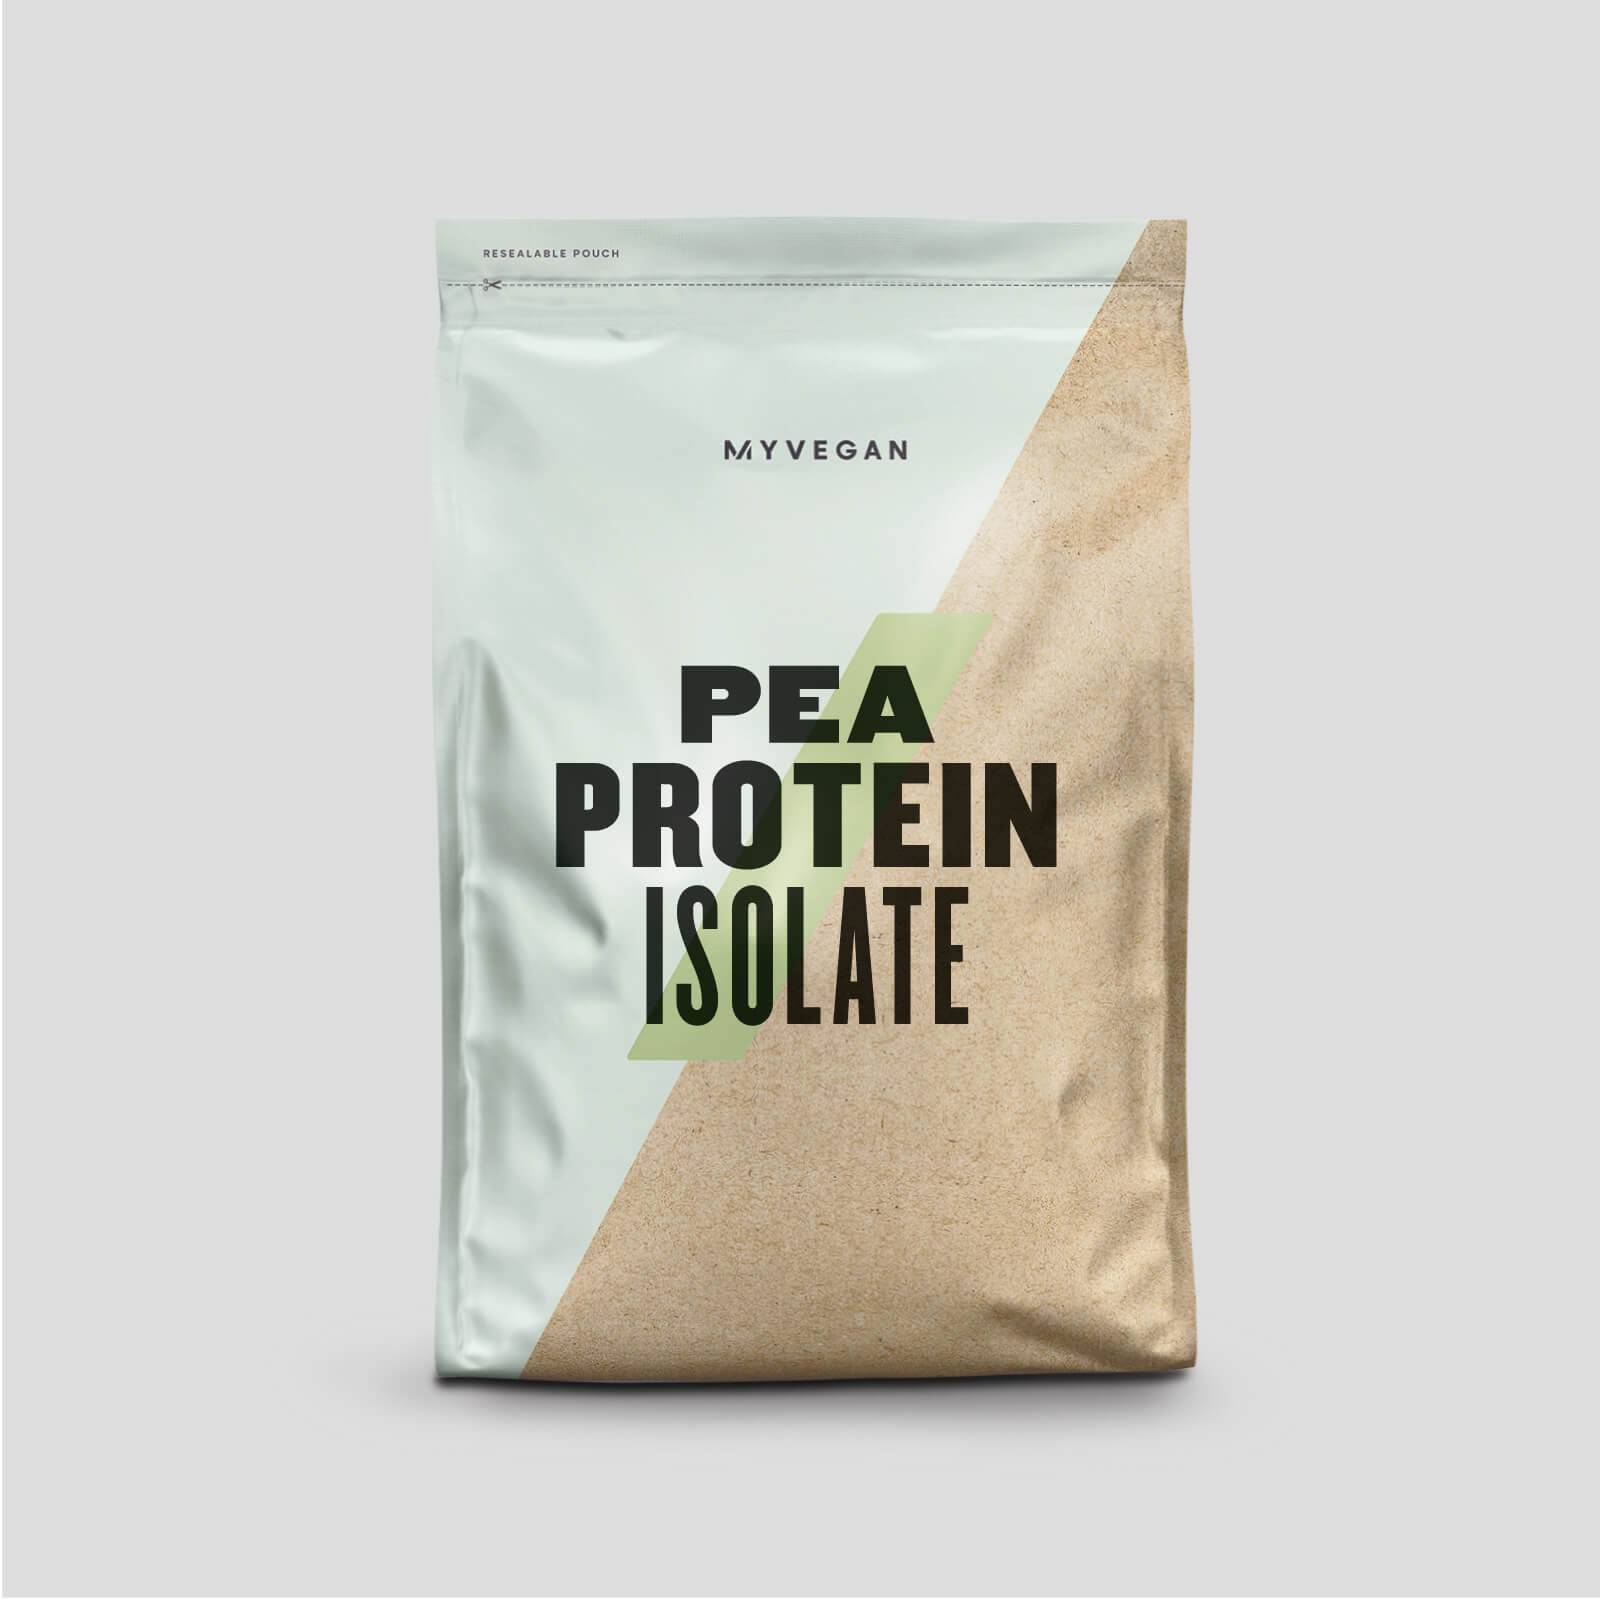 Myvegan Aislado de Proteína de Guisante - 2.5kg - Cafe y Nueces